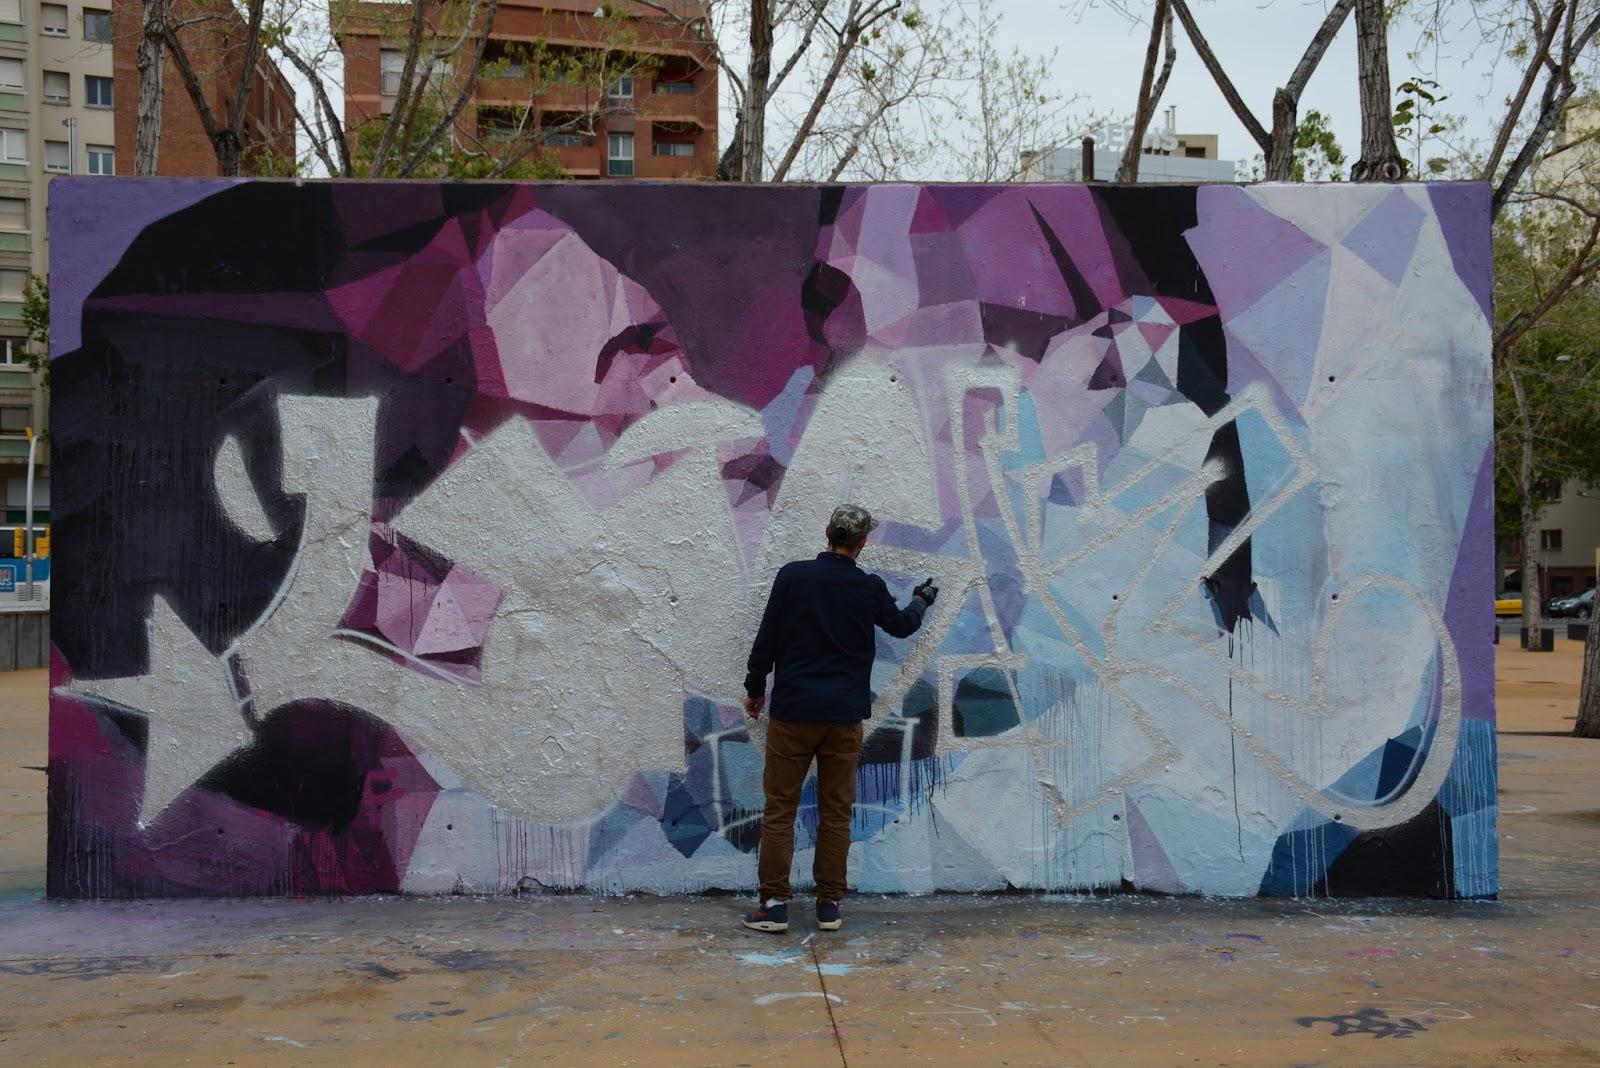 Arte urbano en cambio constante.